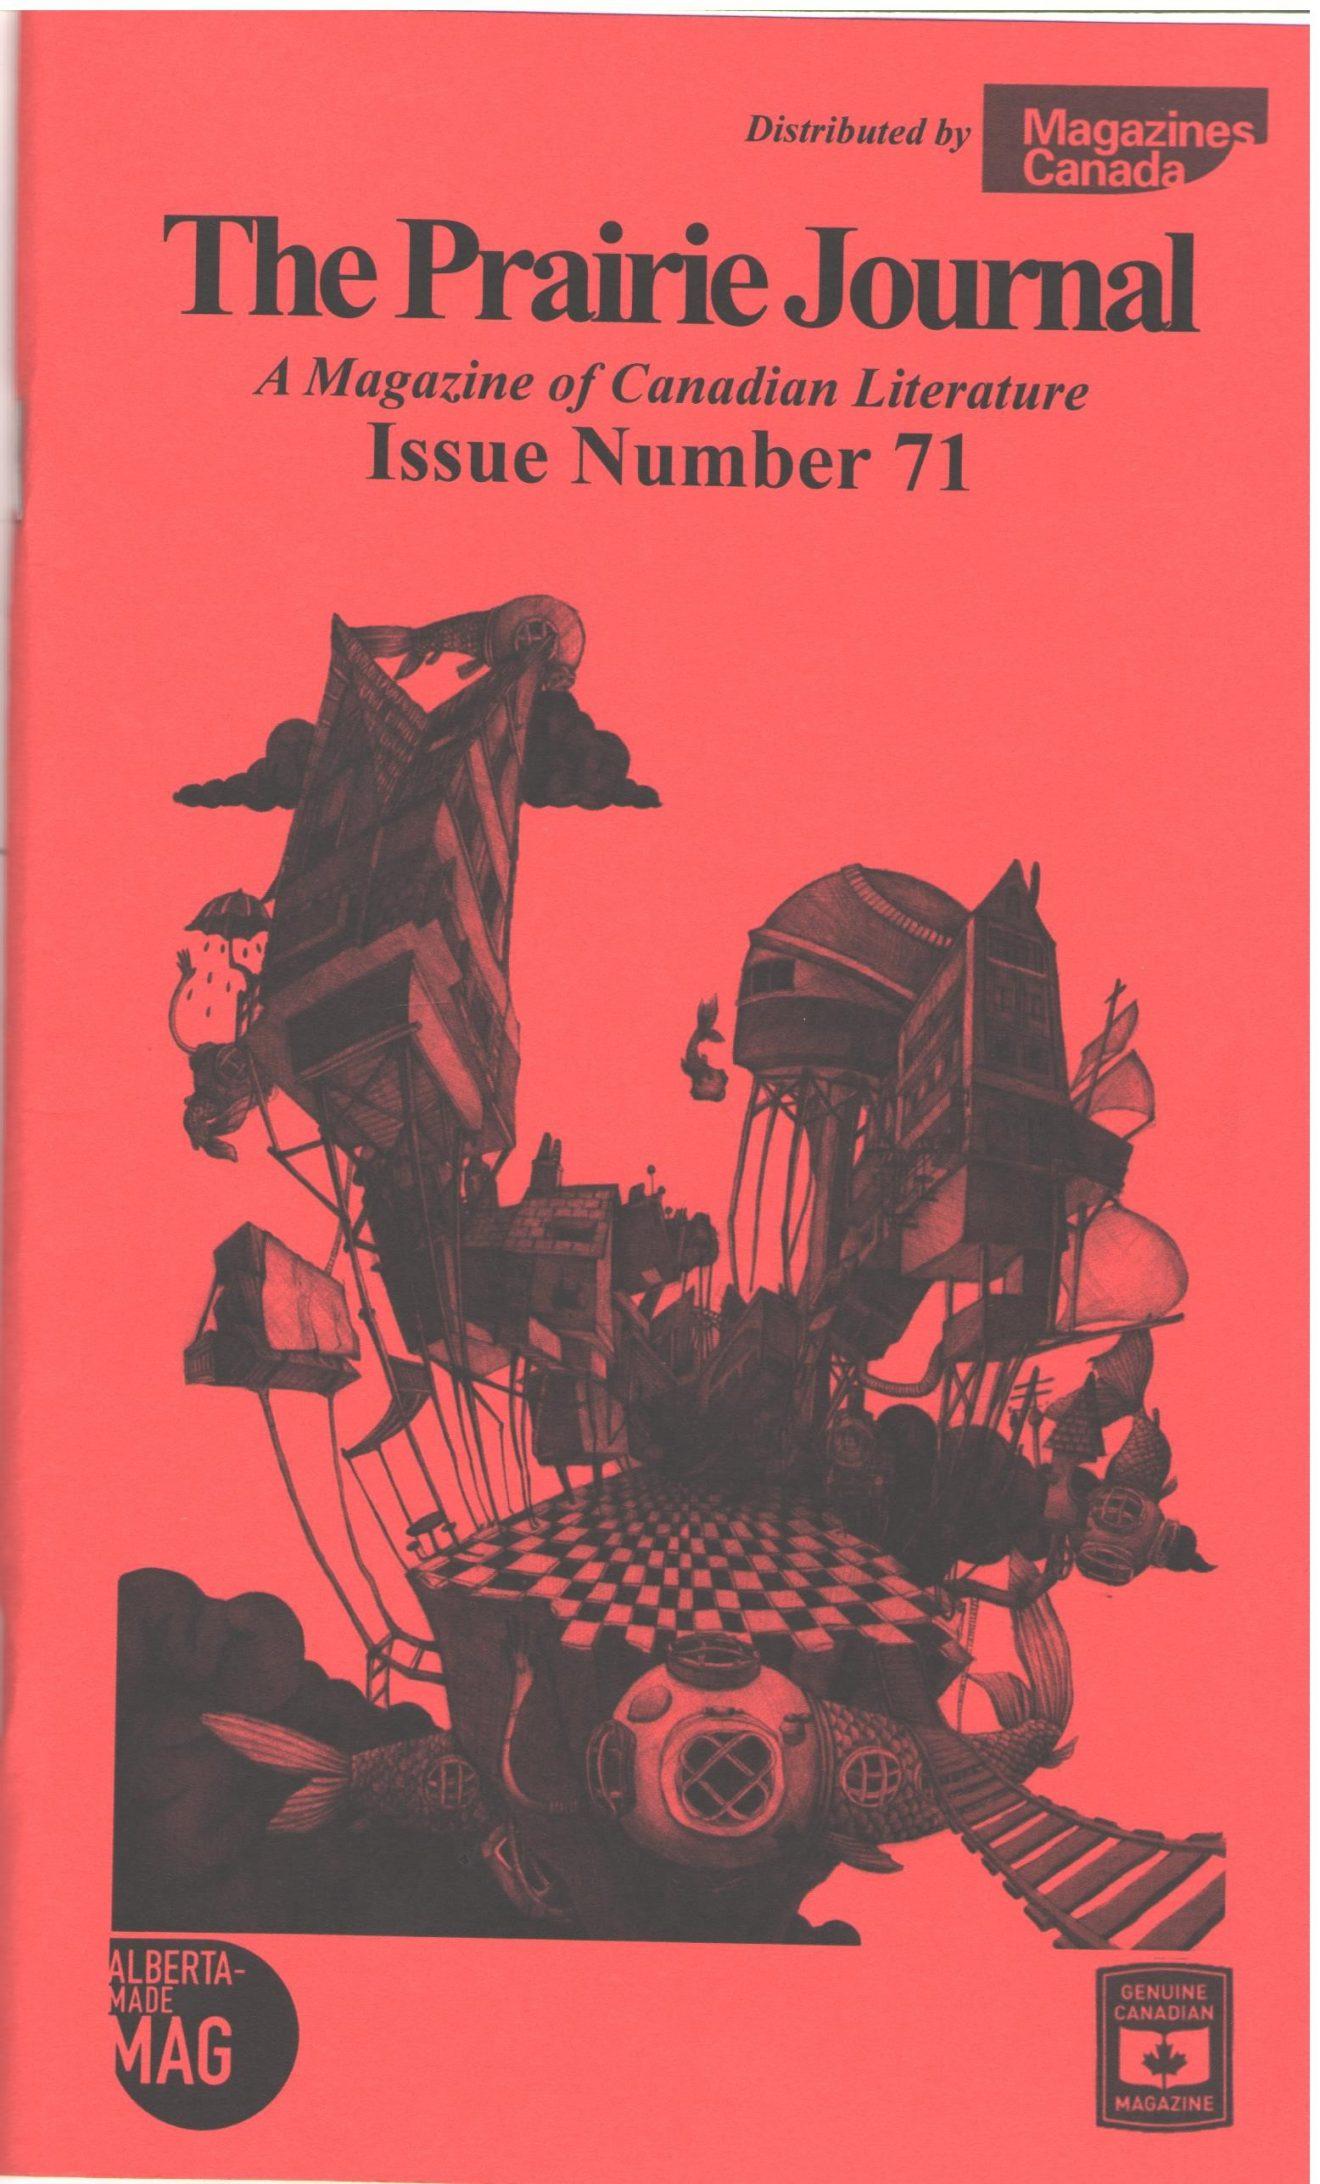 The Prairie Journal